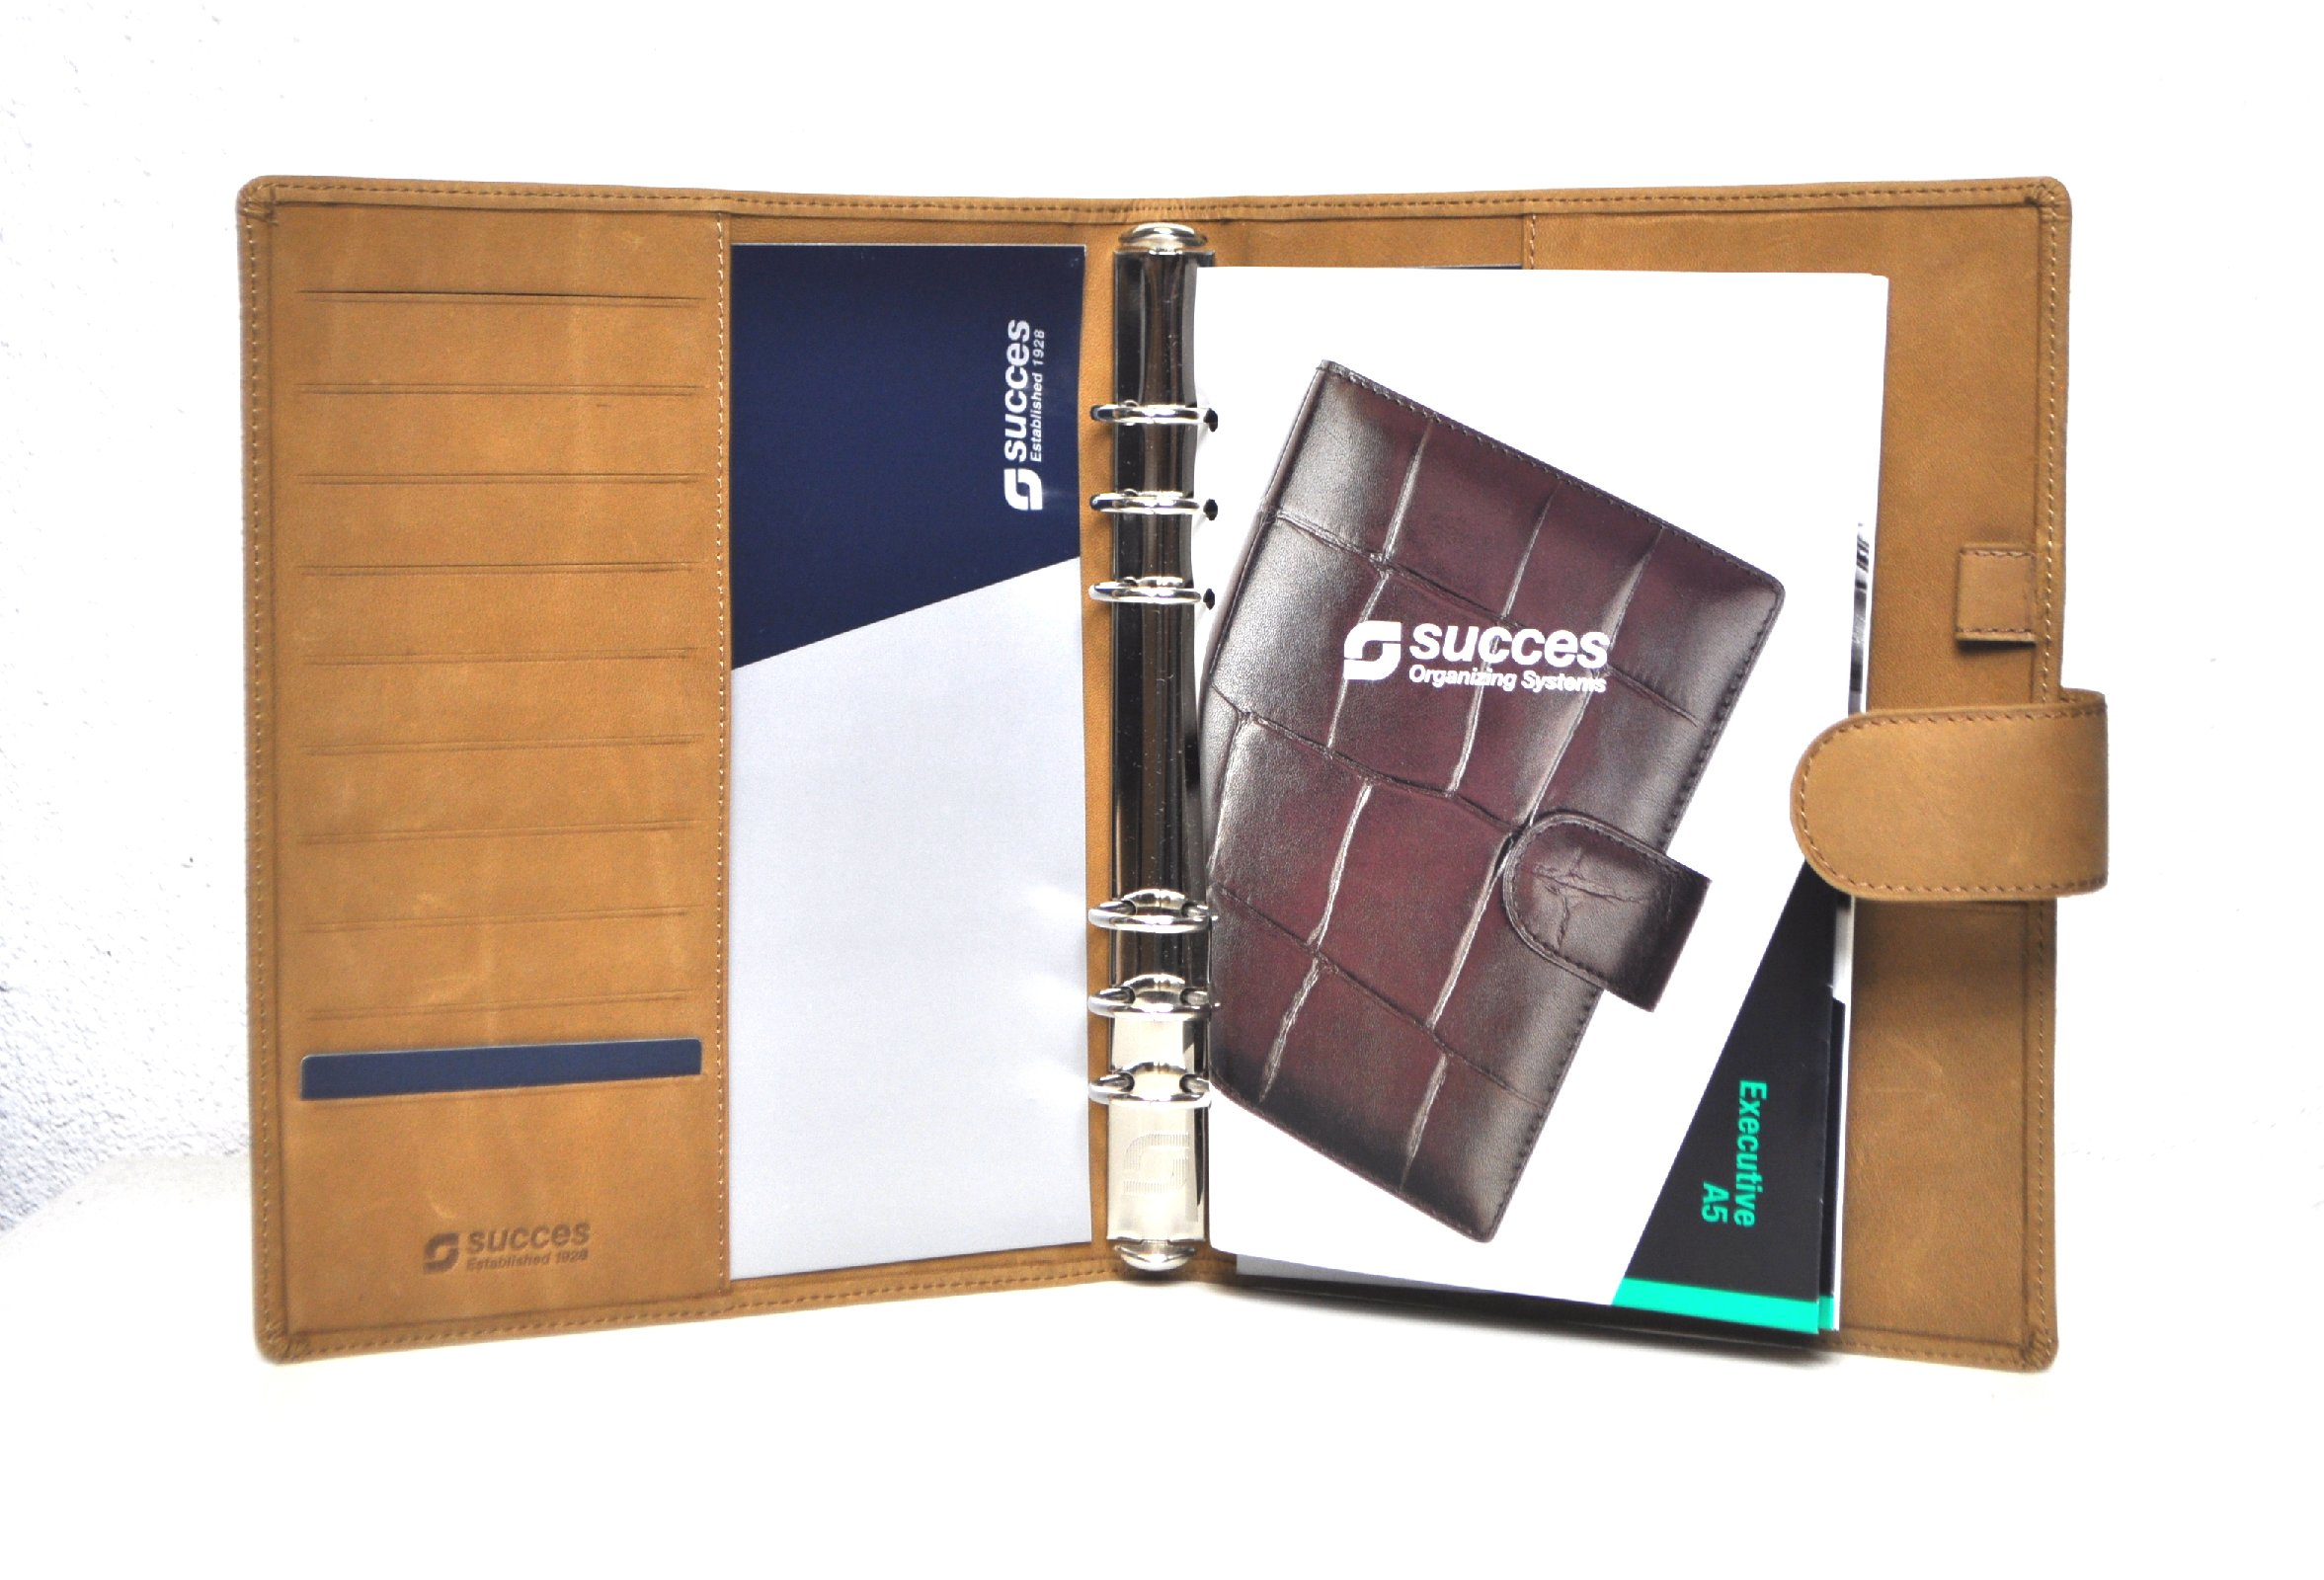 succes coyote a5 braun rindleder kalender. Black Bedroom Furniture Sets. Home Design Ideas